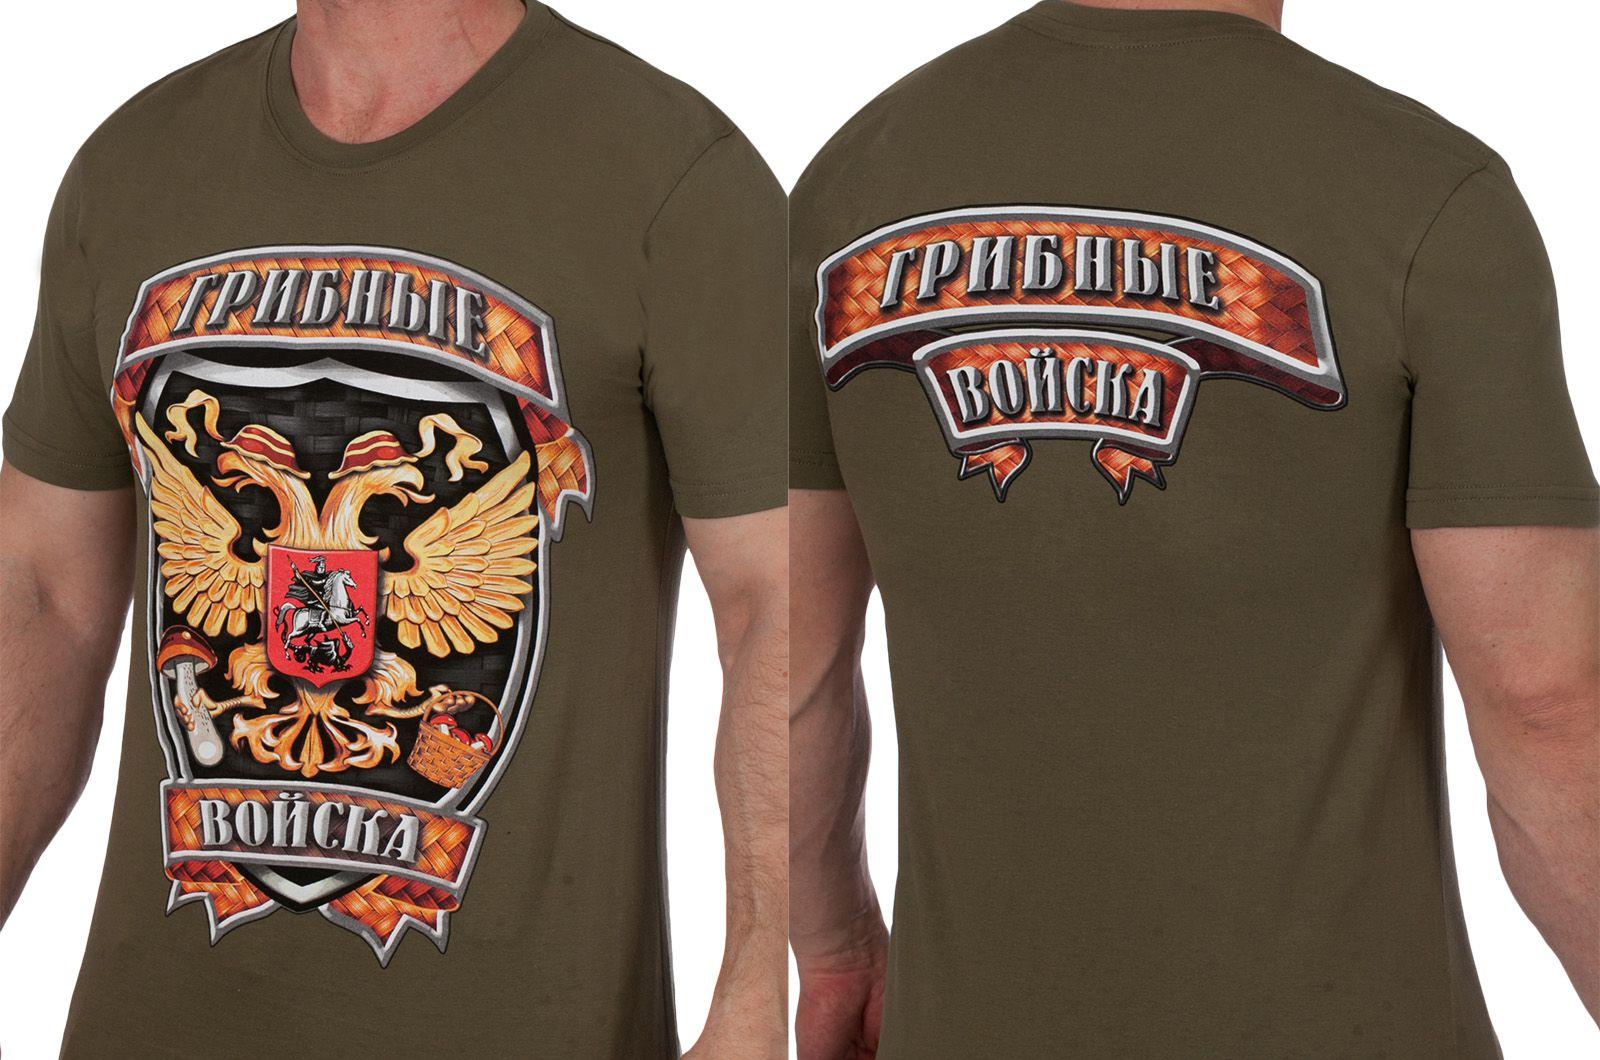 Заказать футболку для Грибника недорого с доставкой